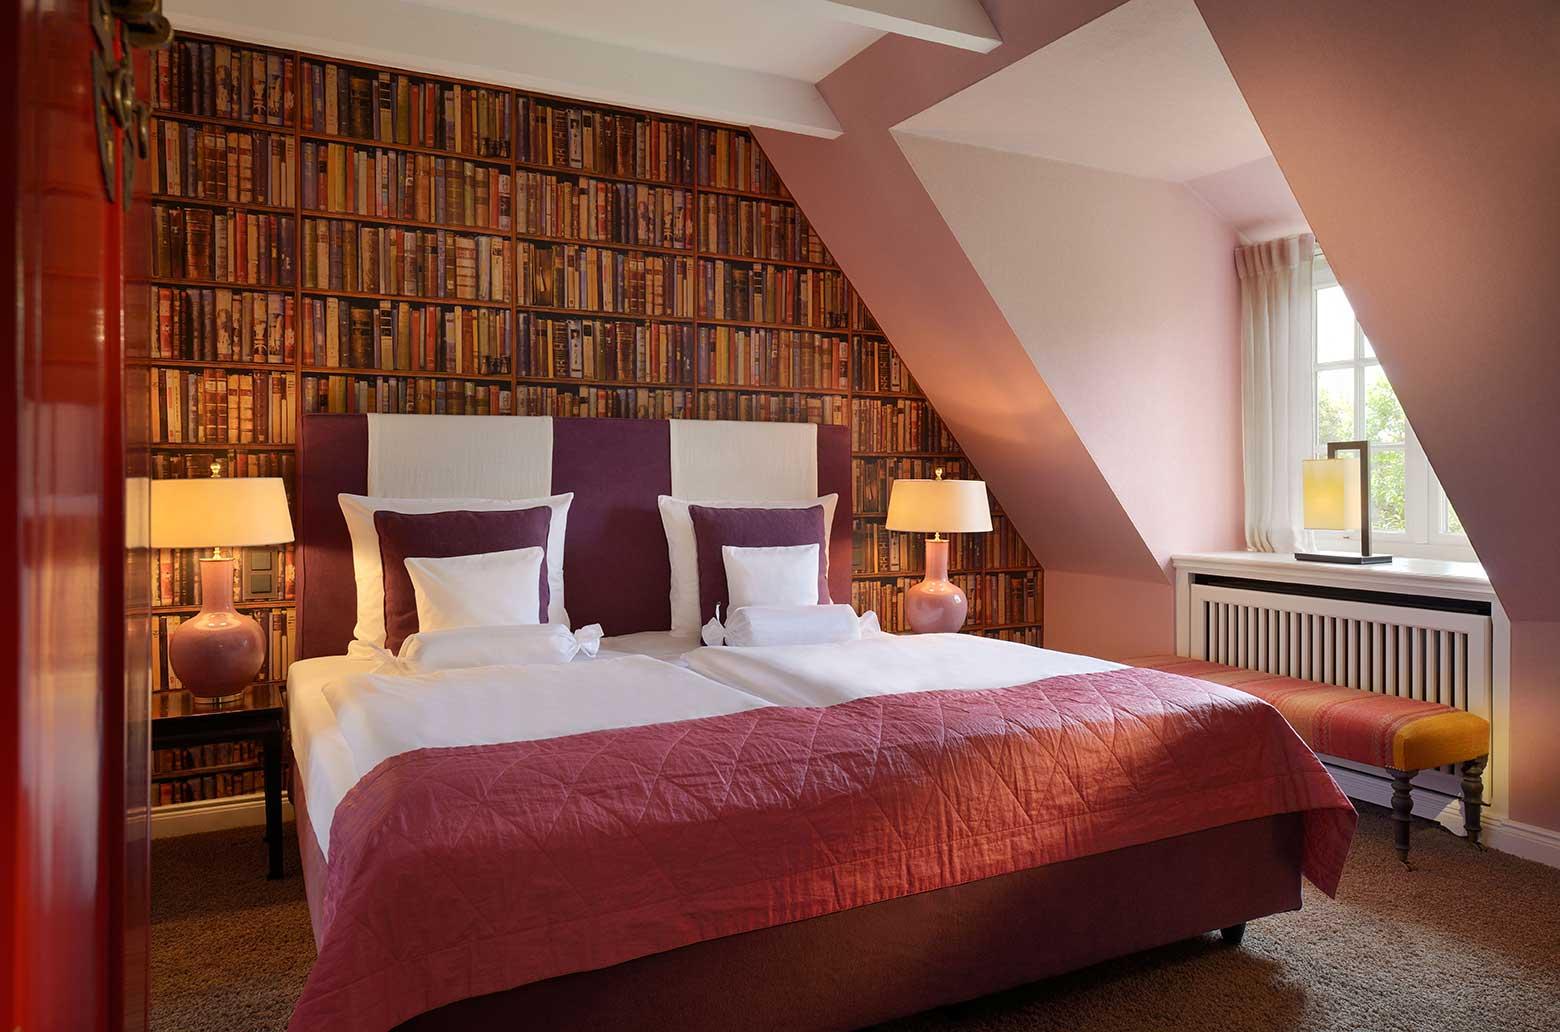 village kampen hotels hotels restaurants kampen sylt deutschland tel 04651469. Black Bedroom Furniture Sets. Home Design Ideas